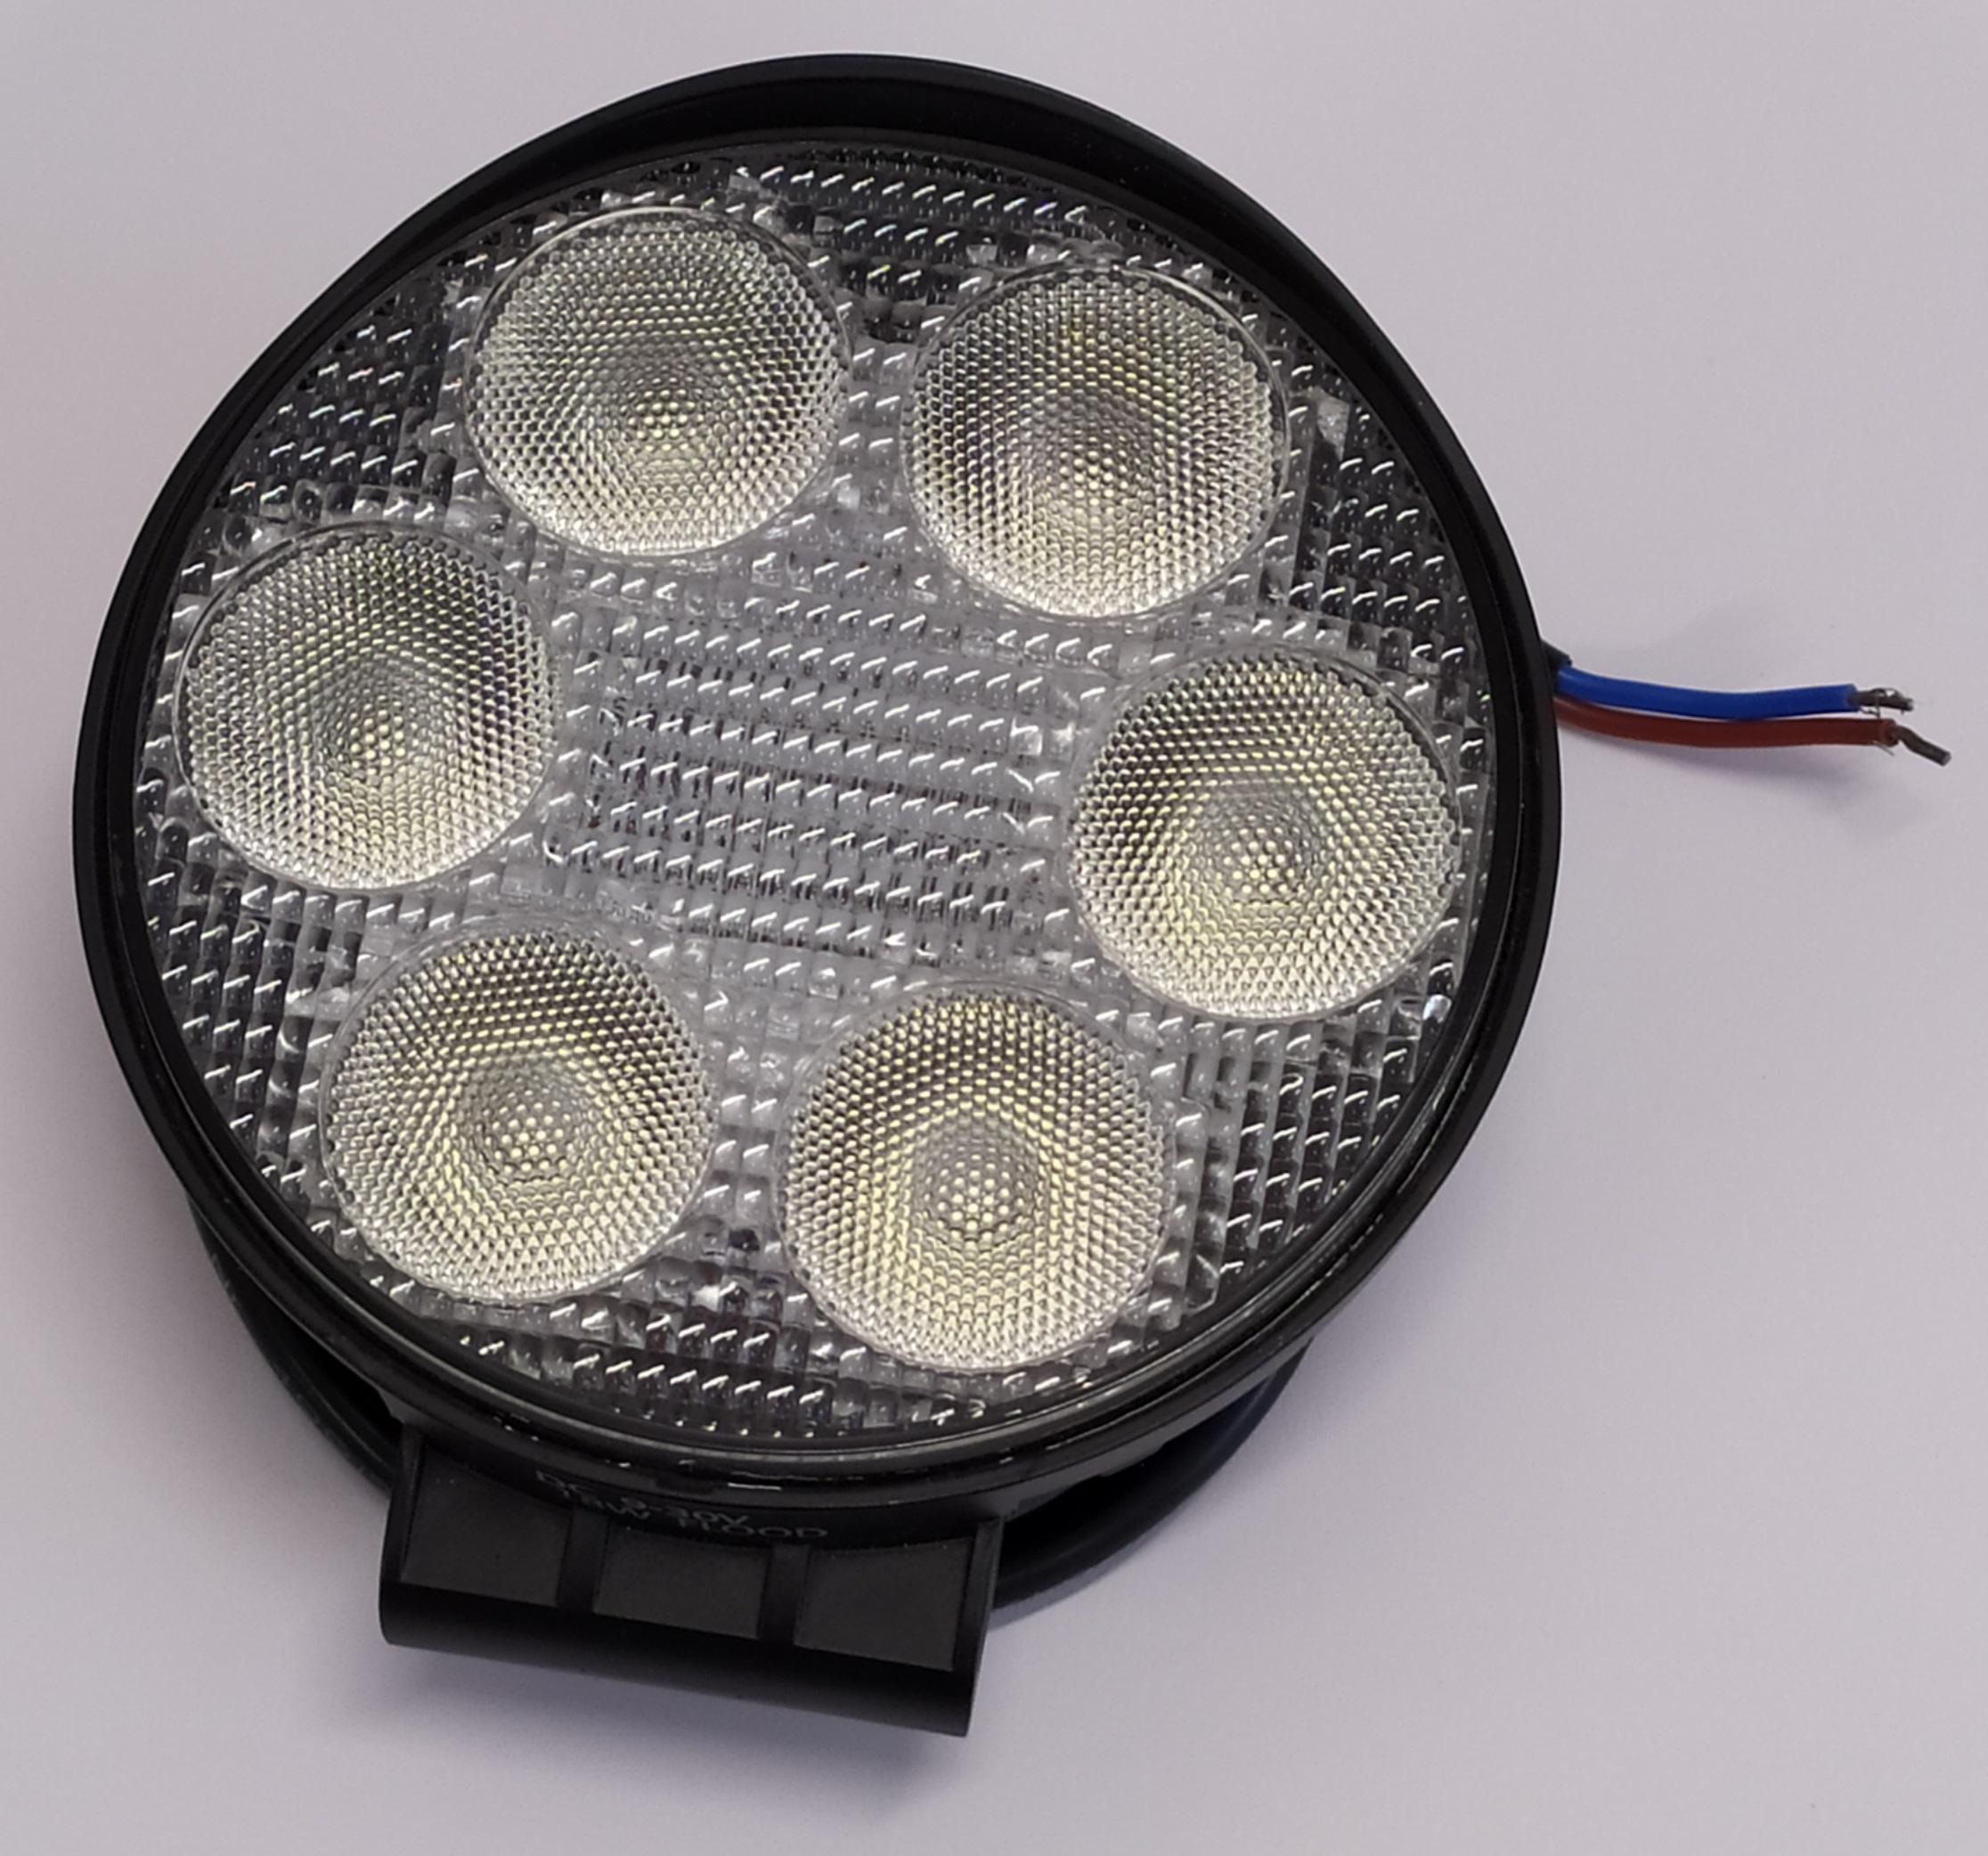 LED pracovné svetlo 18W 10-30V - POSLEDNÝ KUS - BEZ OBALU